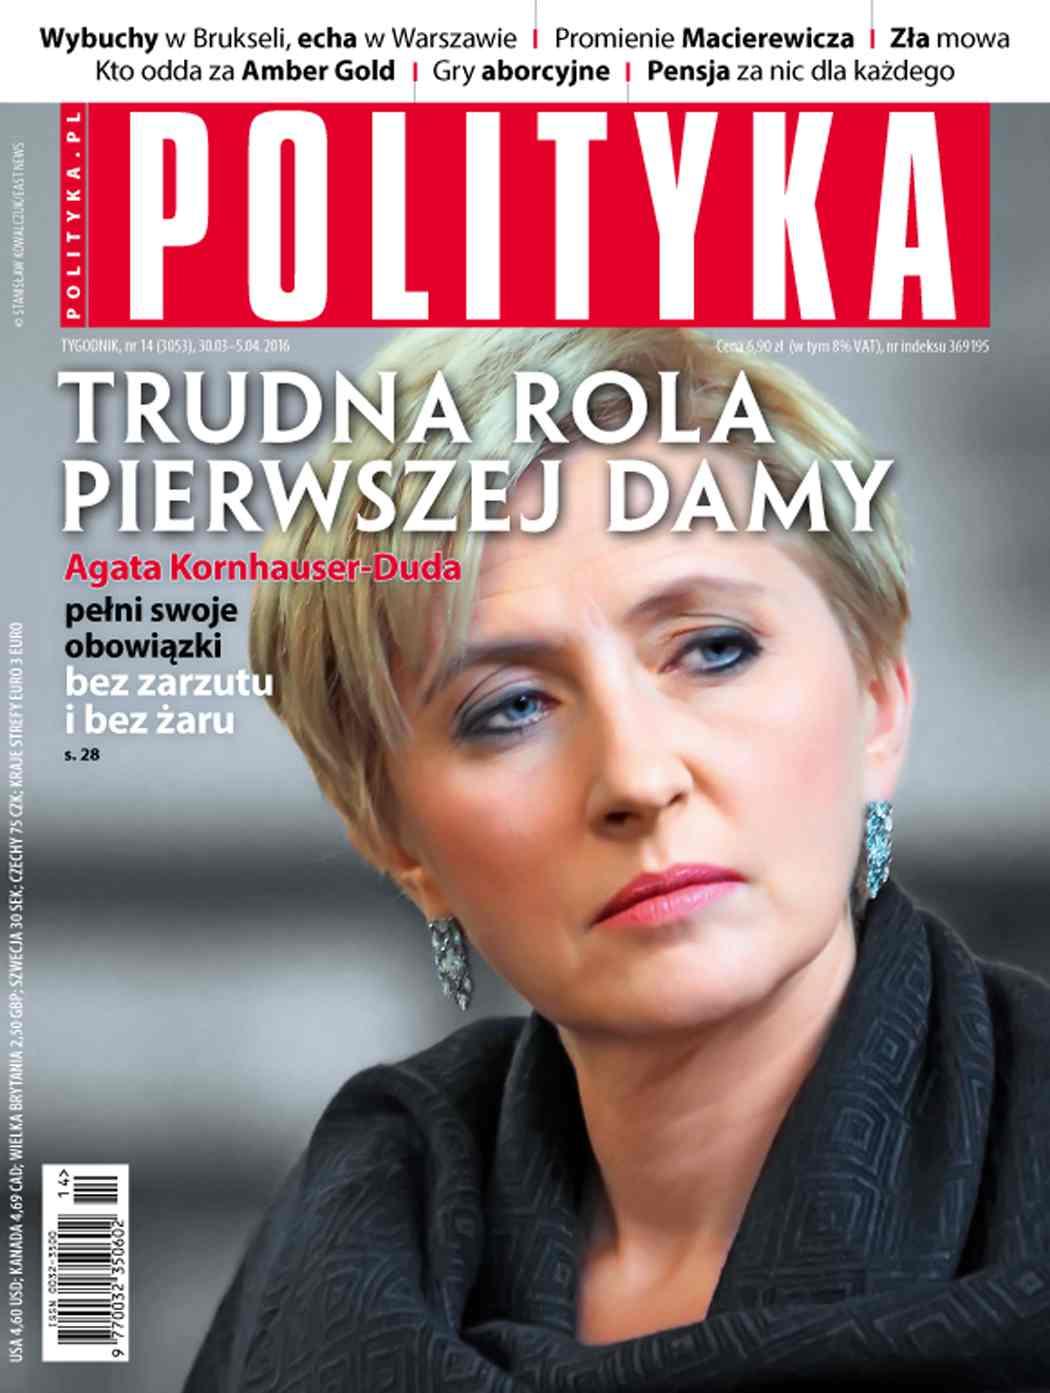 Polityka nr 14/2016 - Ebook (Książka PDF) do pobrania w formacie PDF